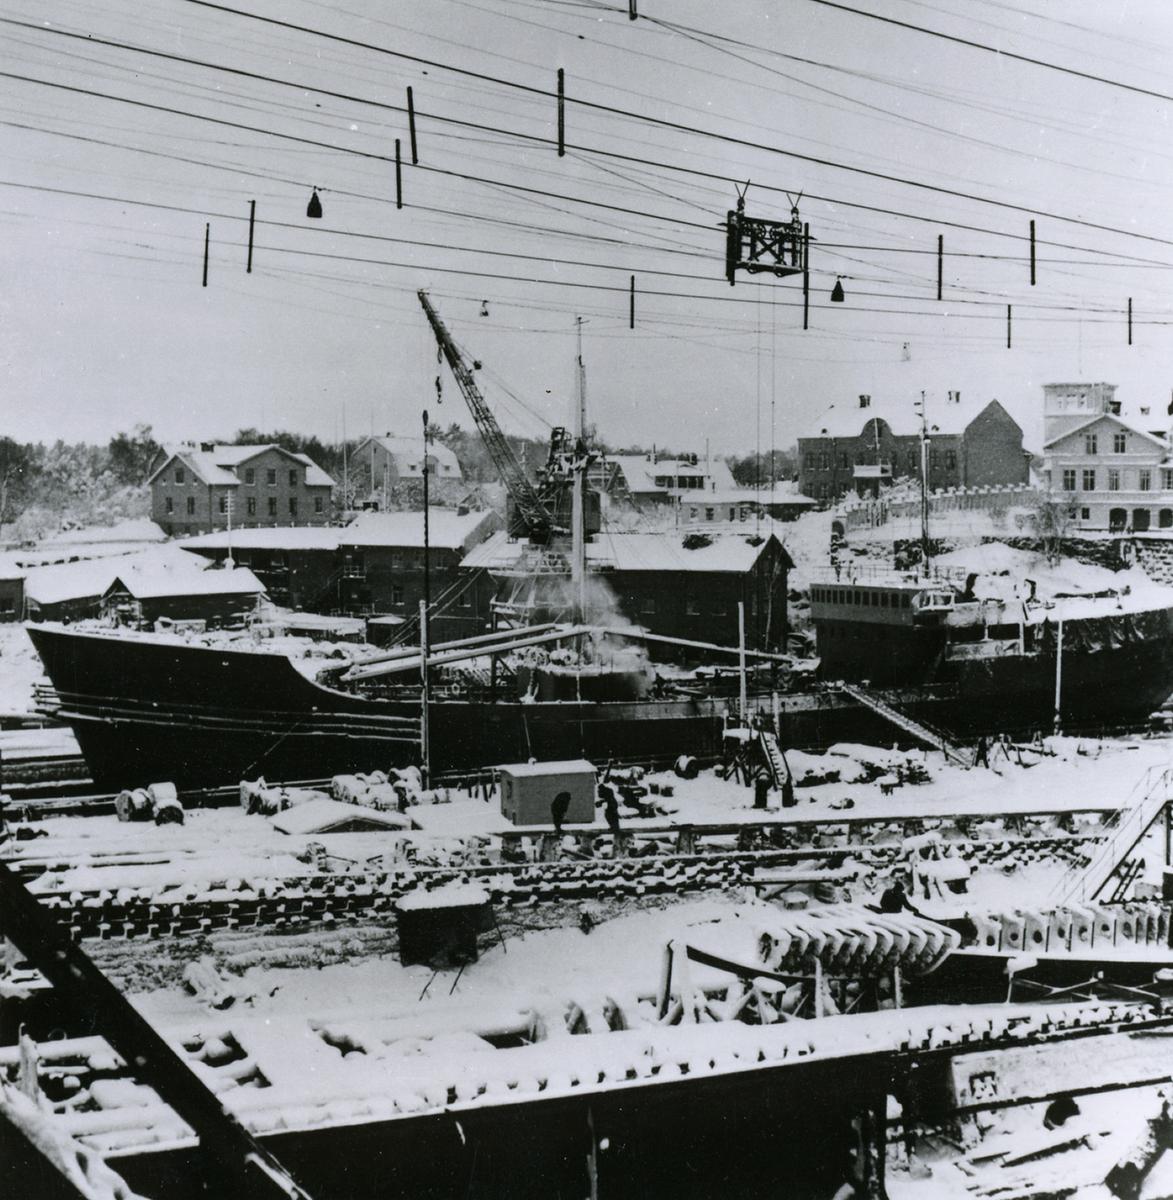 Oskarshamns varv. I dockan ligger kylmotorfartyget ÄELNOGRAD, på bädd kylmotorfartygen POLESK och MAGADAN, den 23.12.1955 efter snöfall.